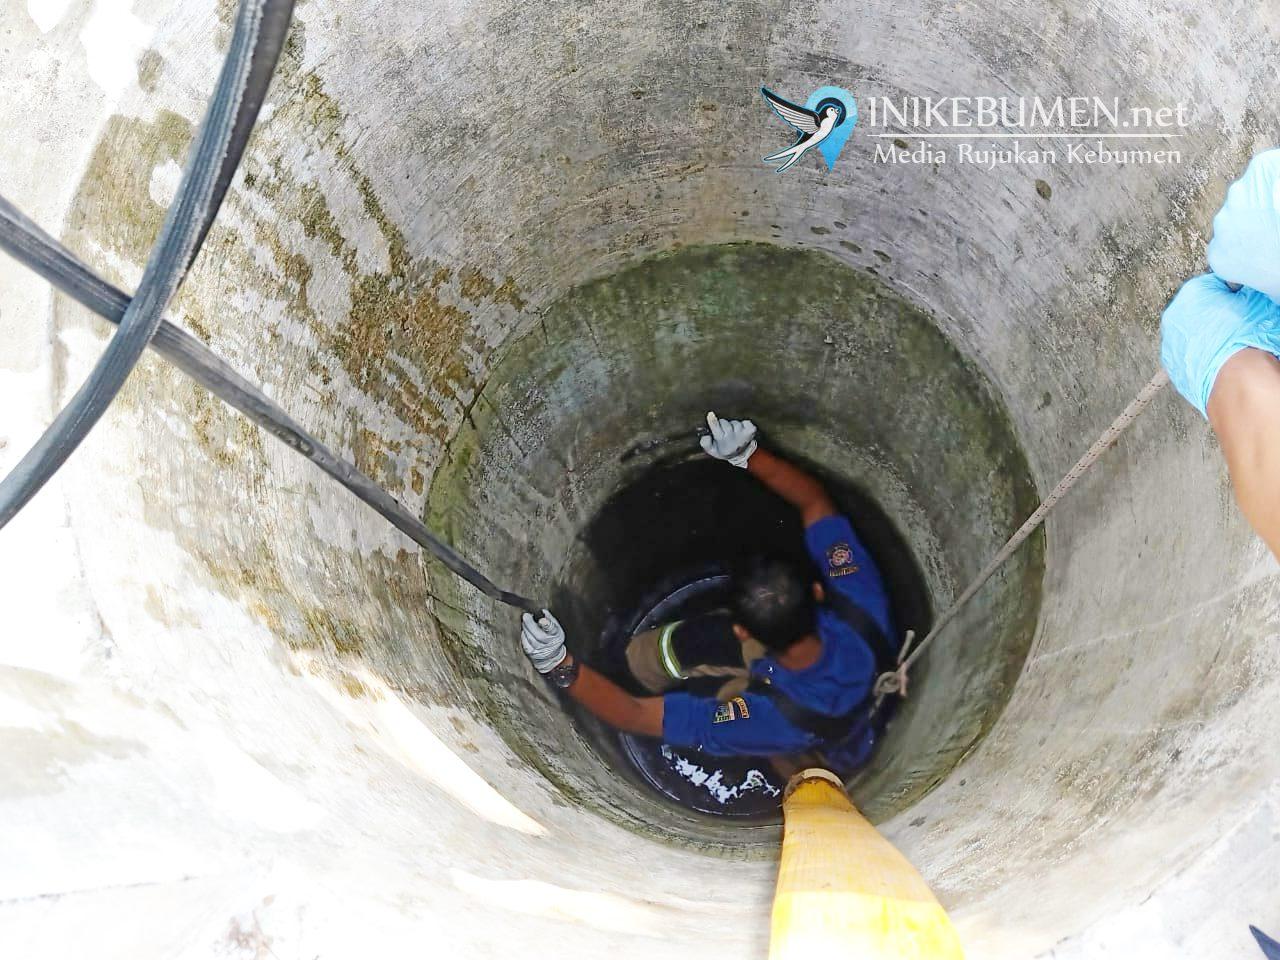 Innalillahi, Warga Selokerto Sempor Ditemukan Meninggal di dalam Sumur